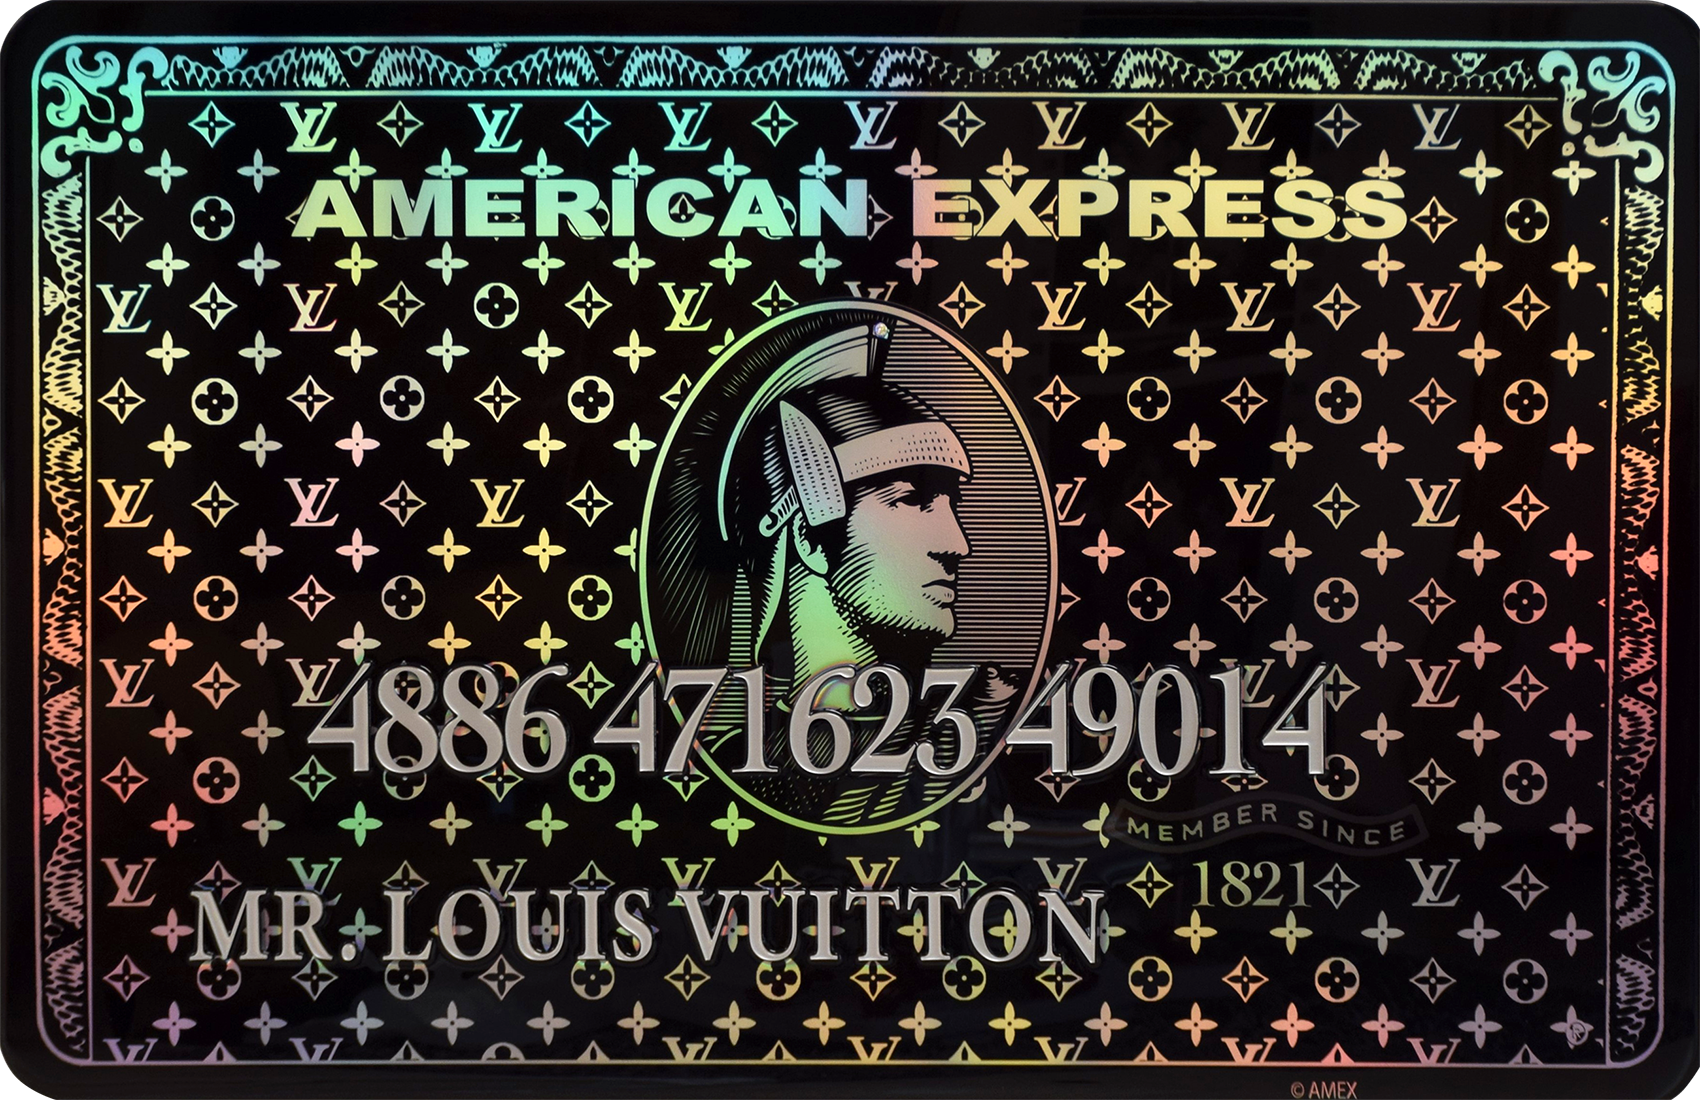 Diederik - AMEX (Mr. Louis Vuitton, Black) , 4504-016-261-280